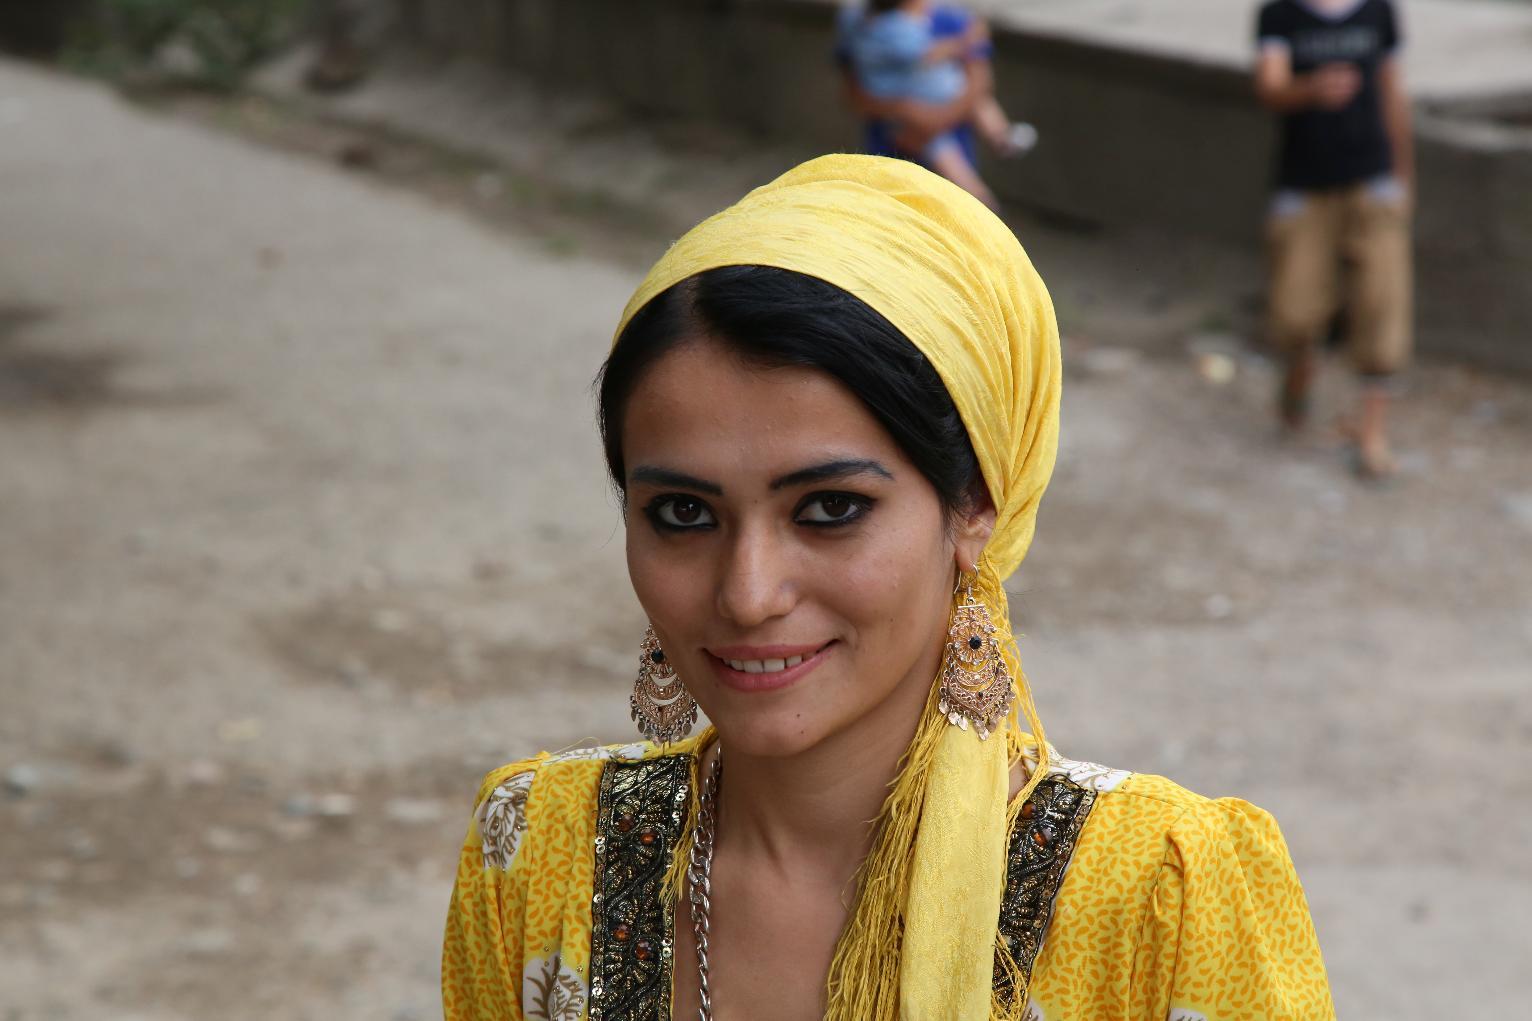 несмотря суровое картинка голики девушка тачикистан или вылизывание